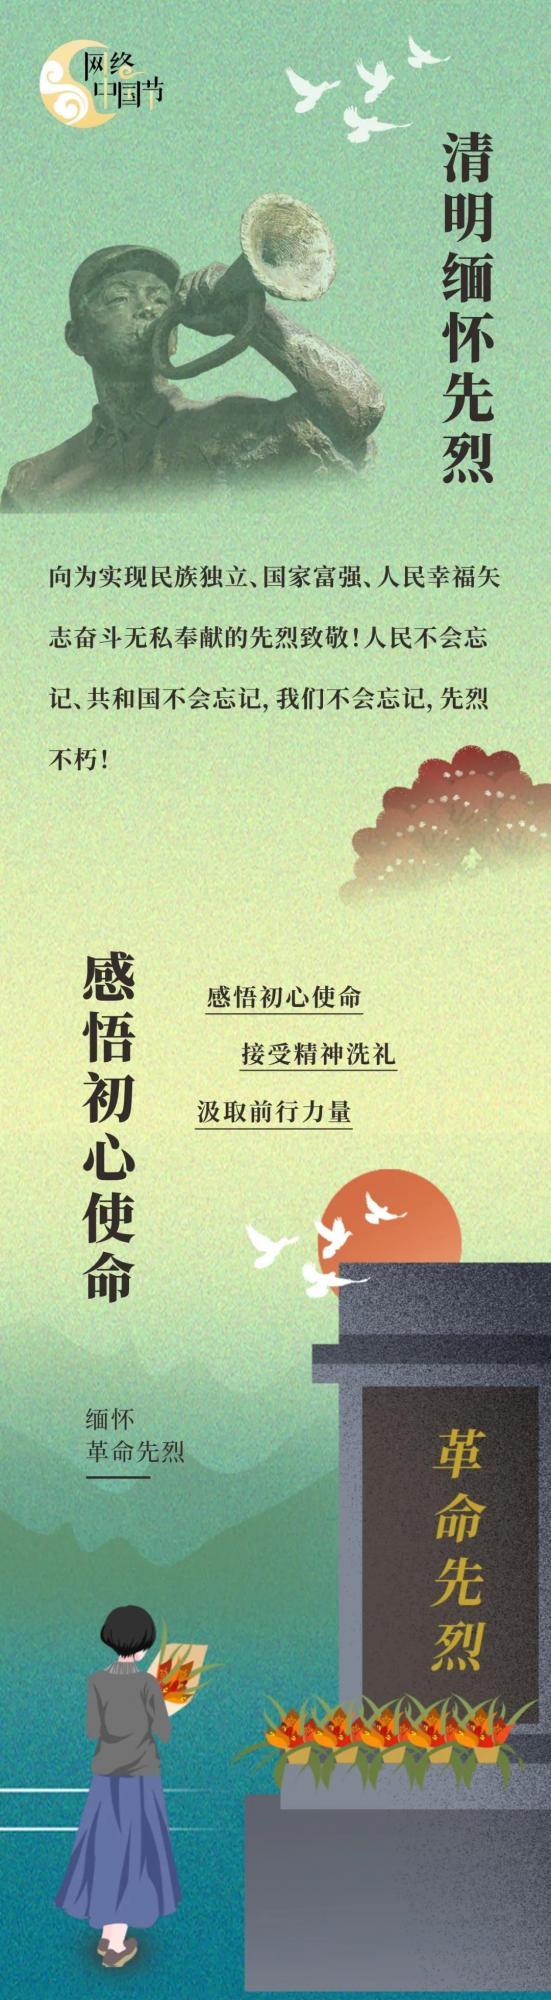 【网络中国节·清明】清明缅怀先烈